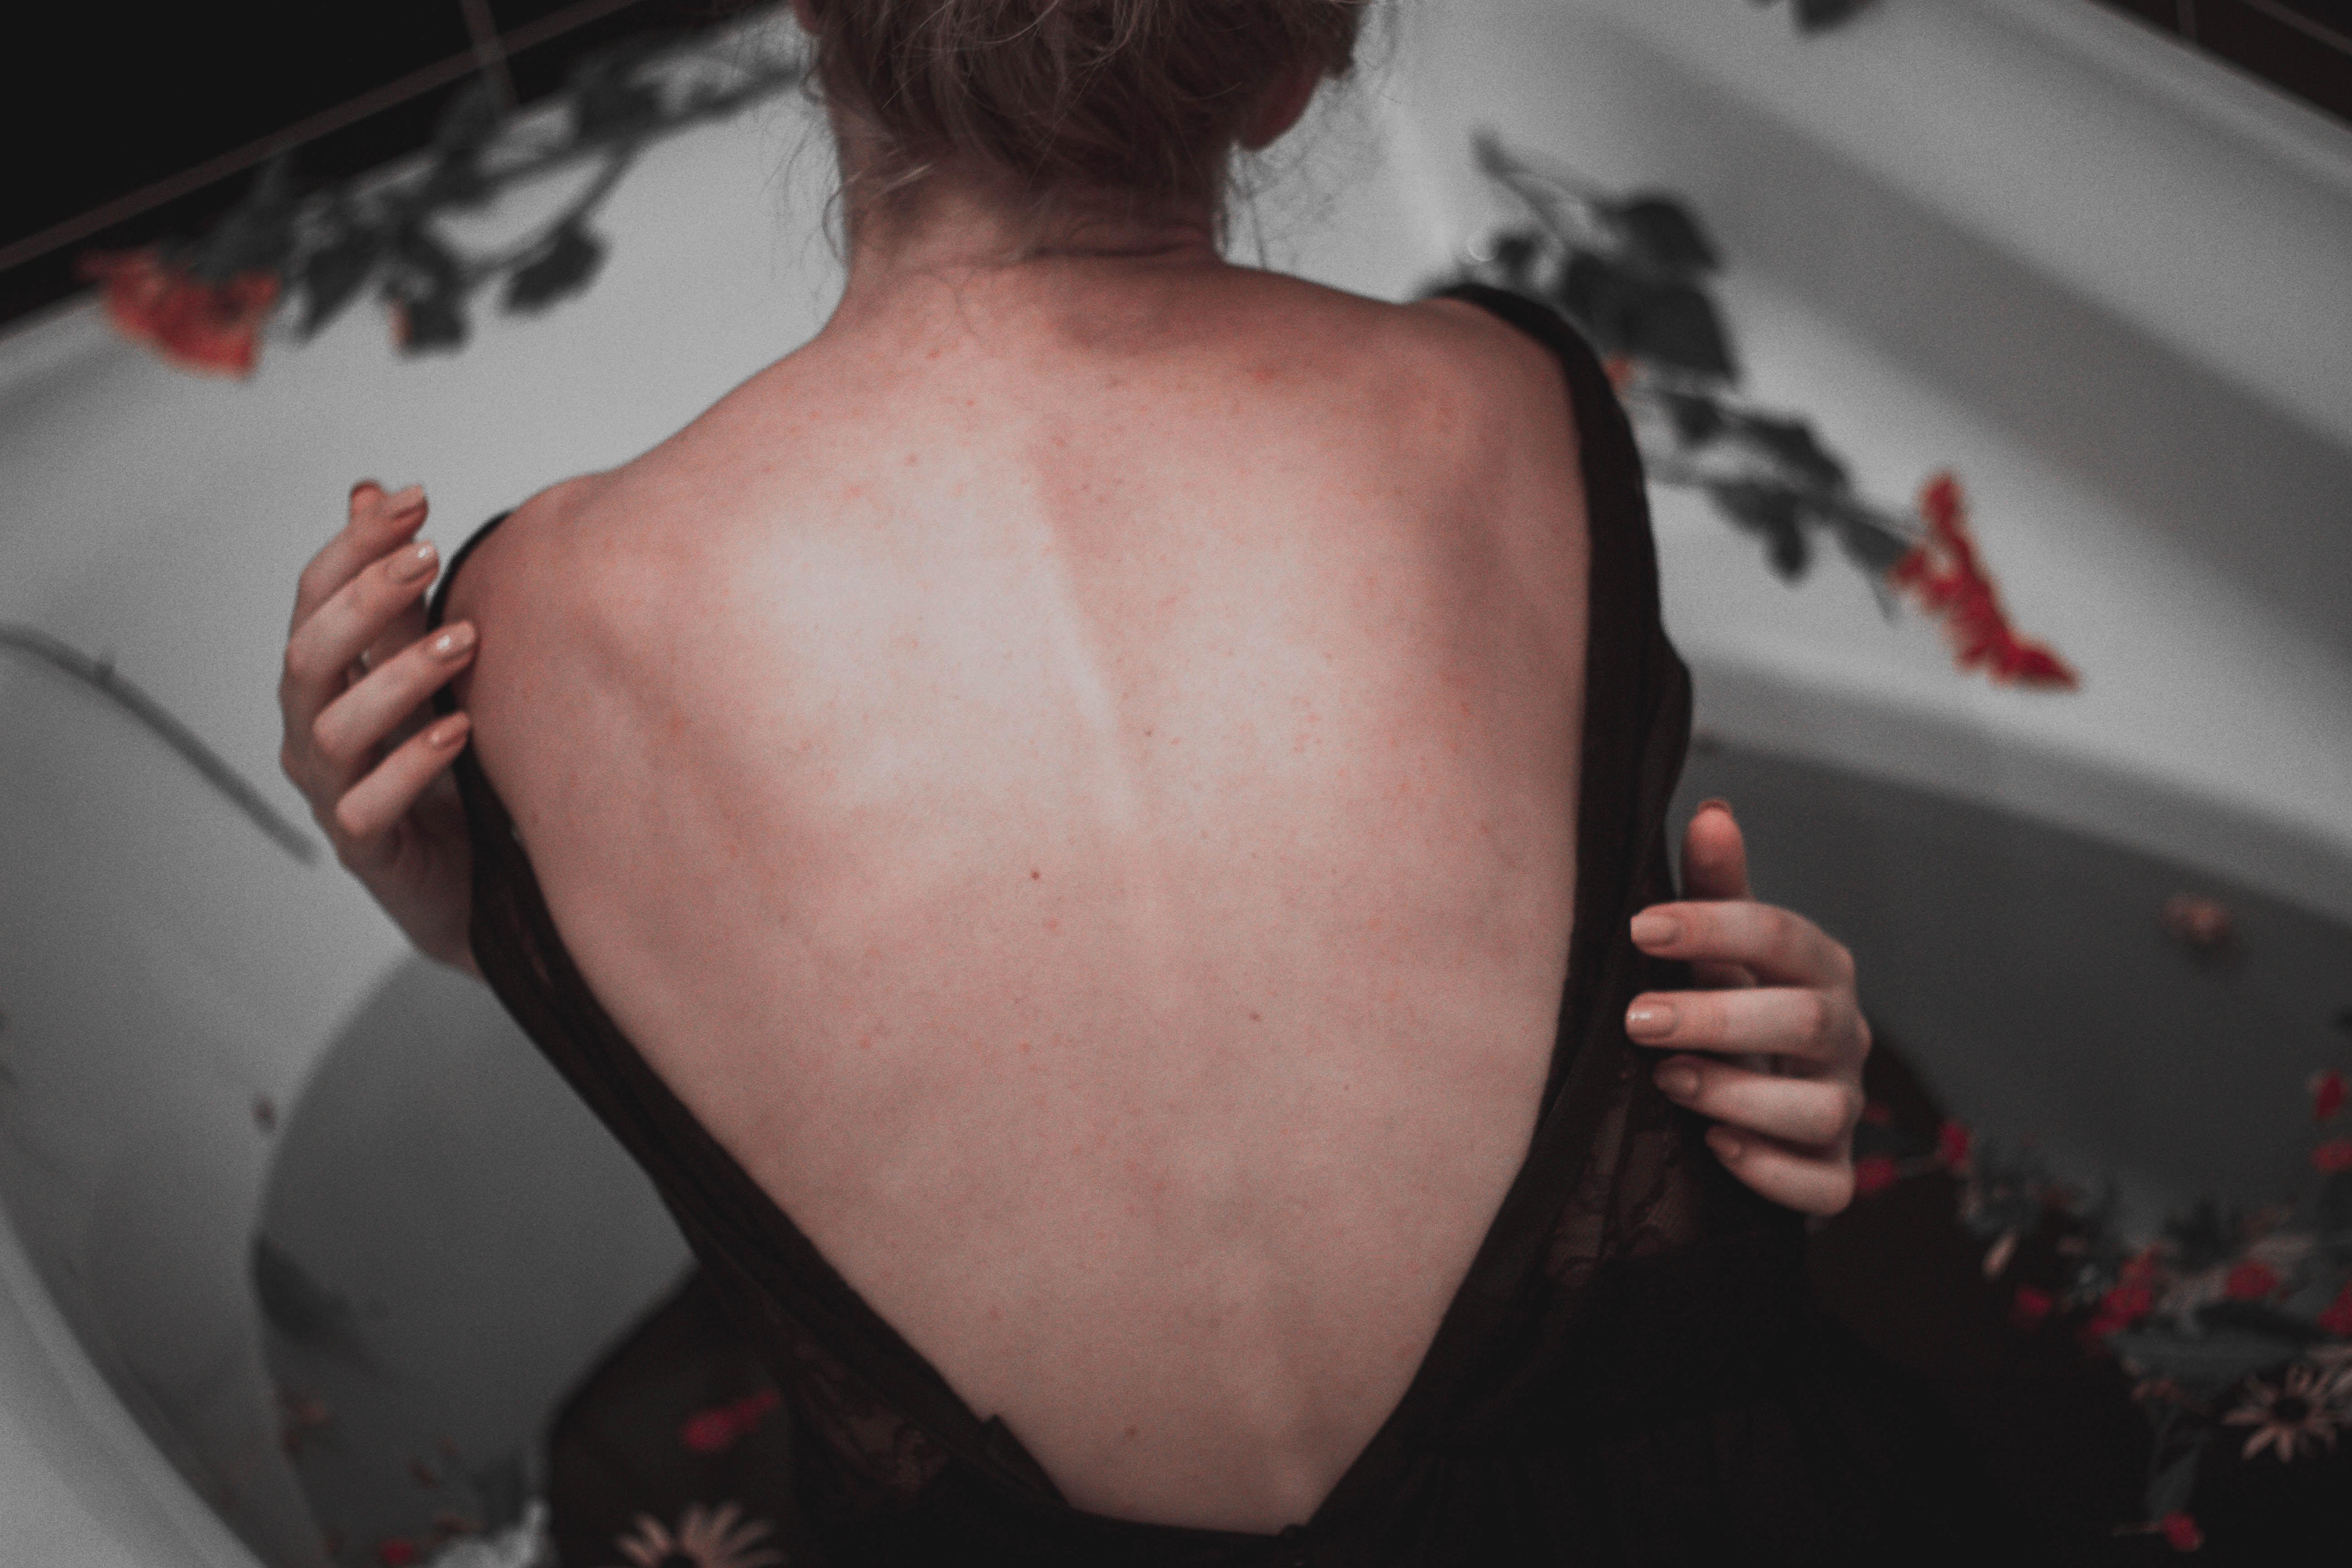 Femme-montrant-ses-douleurs-de-dos